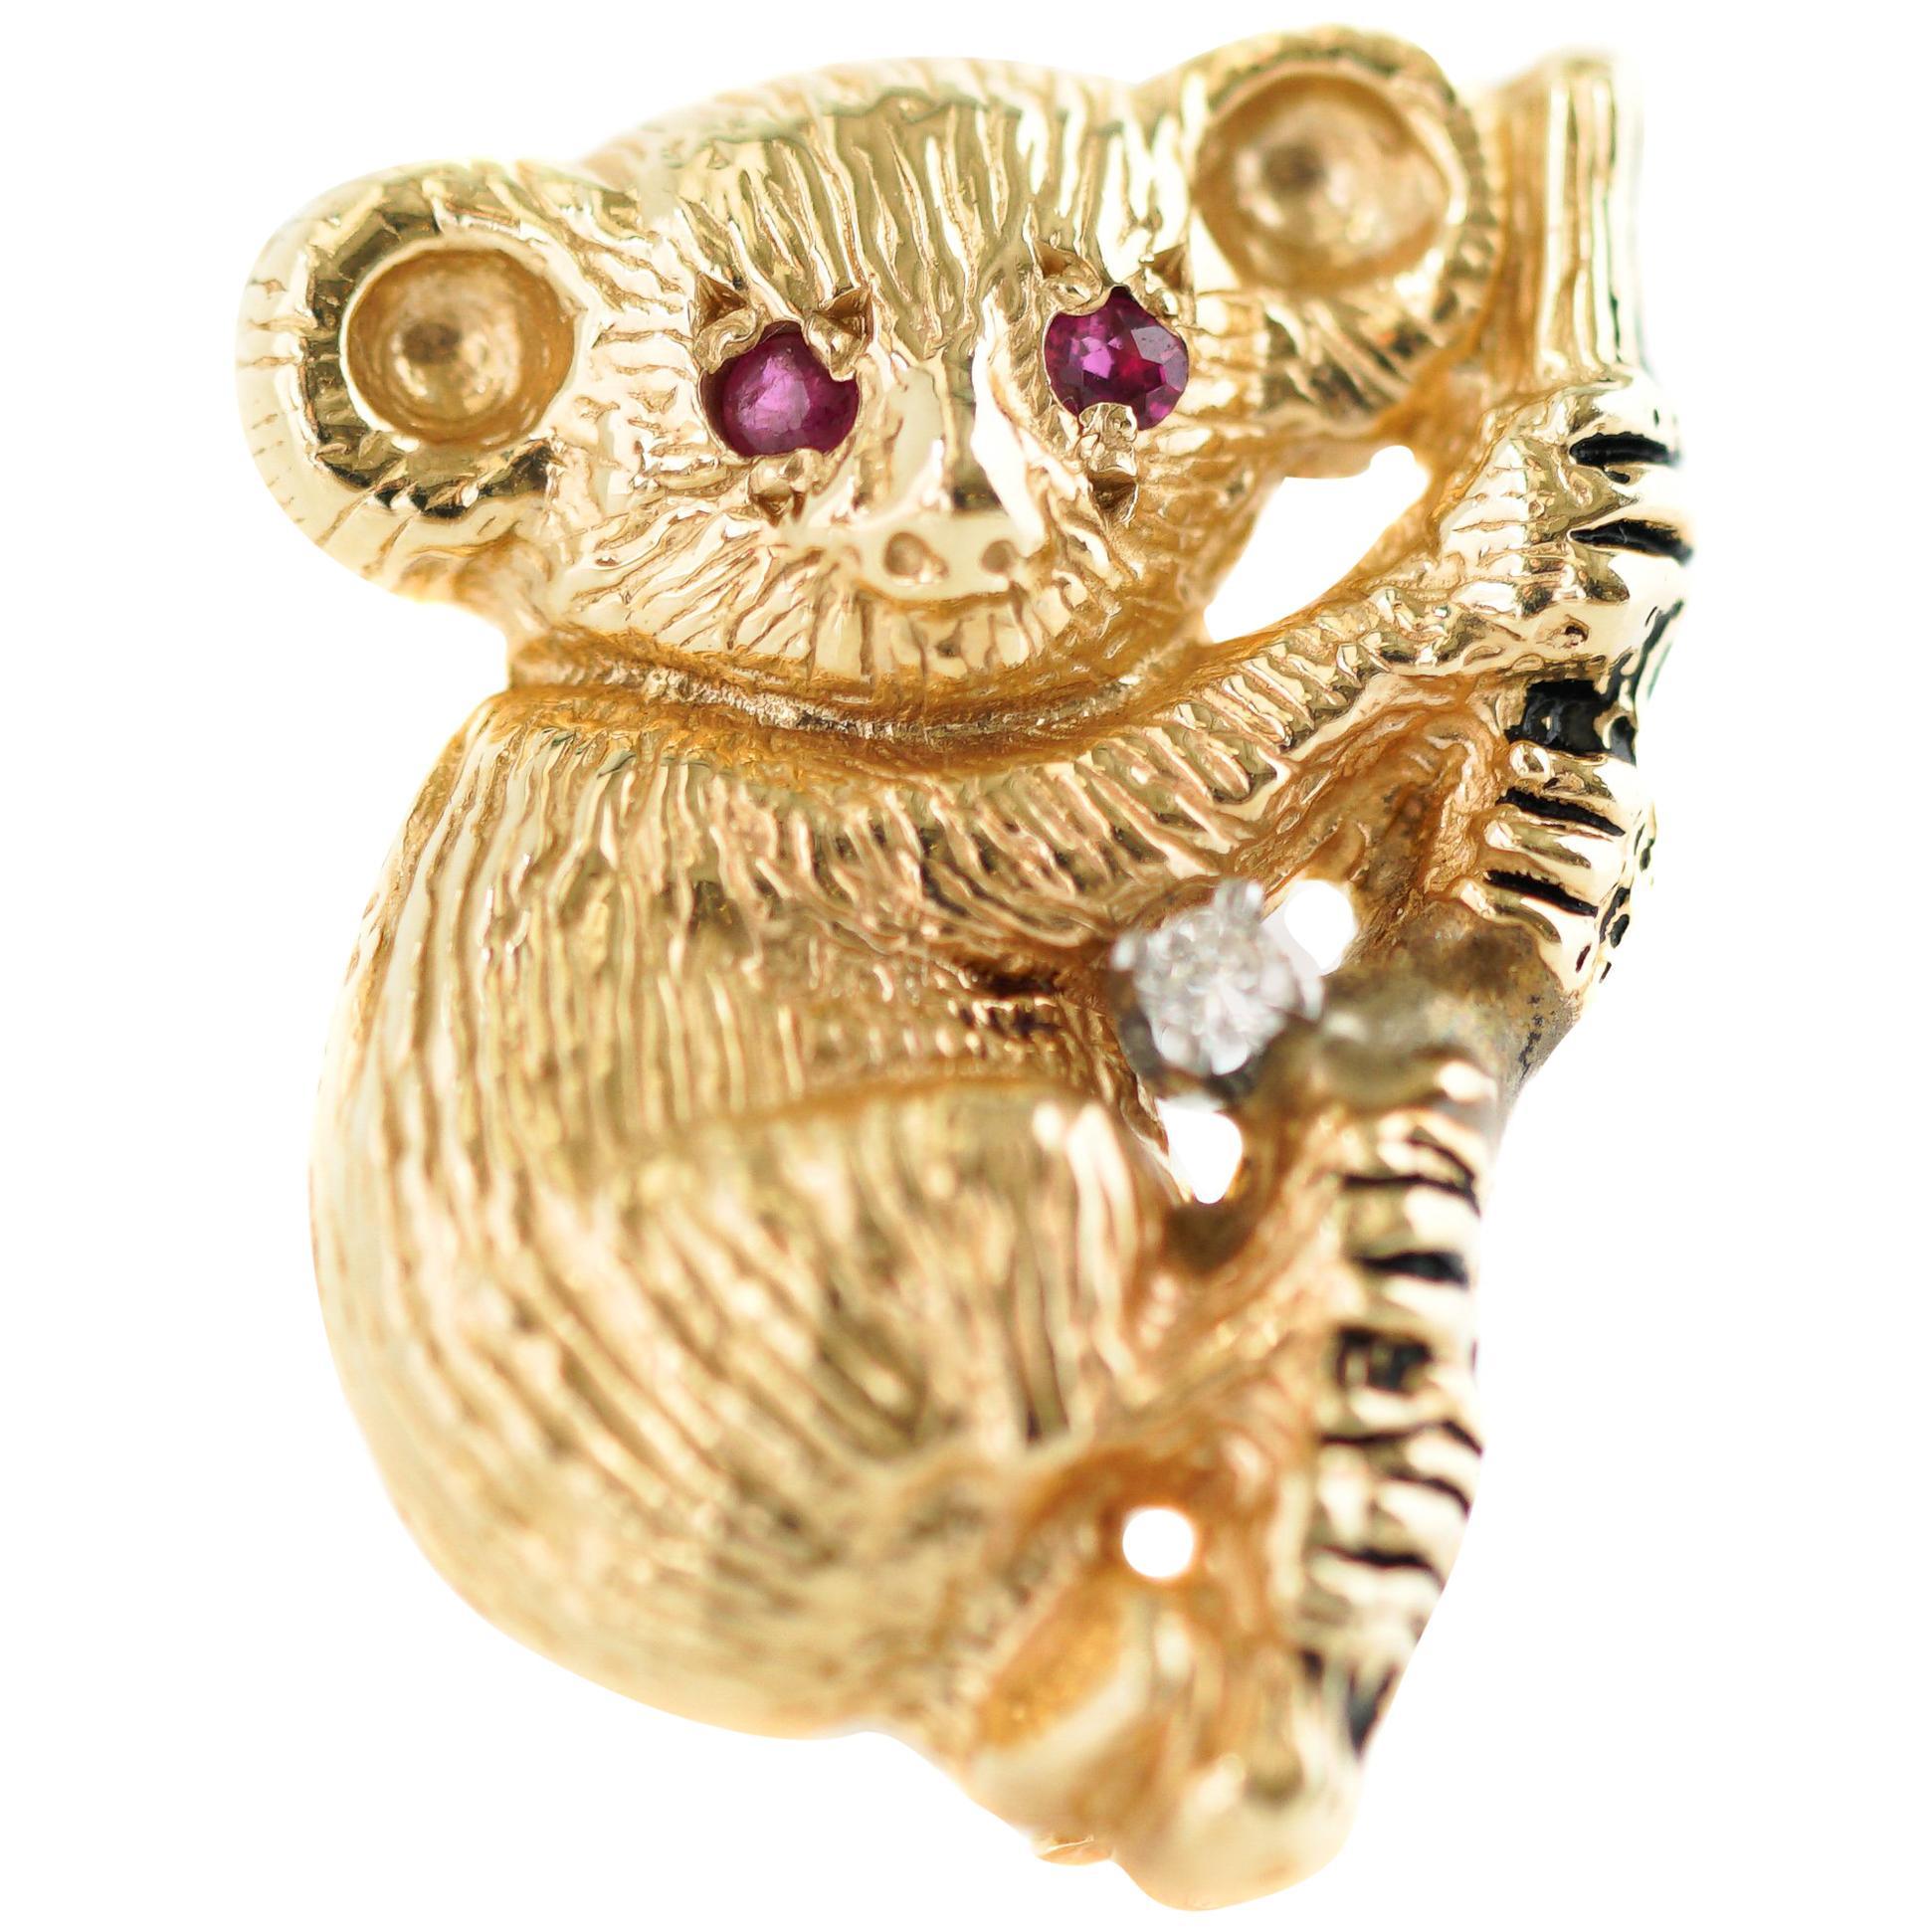 Koala Brooch Pendant in 14 Karat Yellow Gold